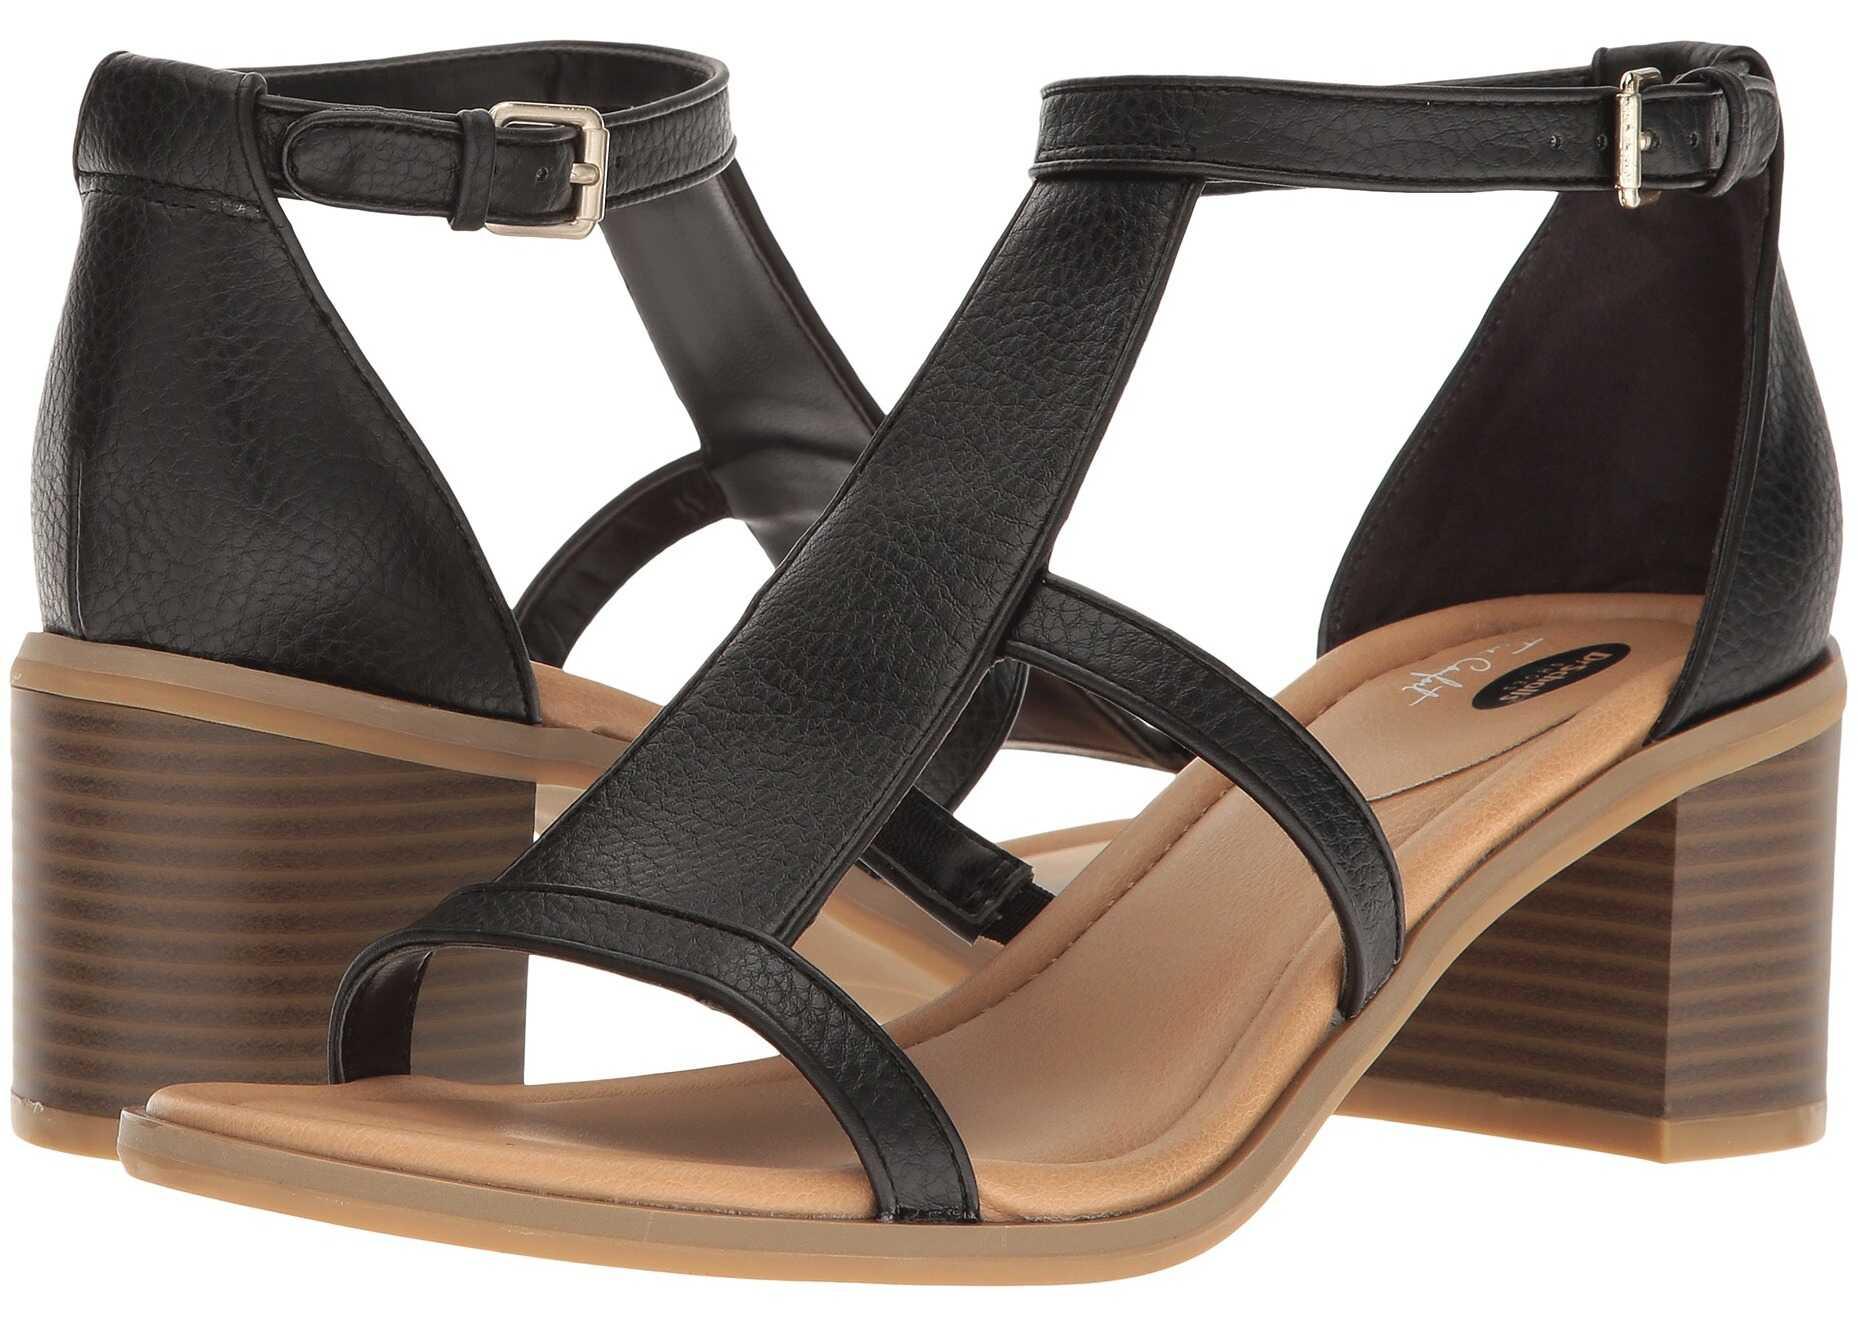 Sandale Femei Dr. Scholls Shine Black